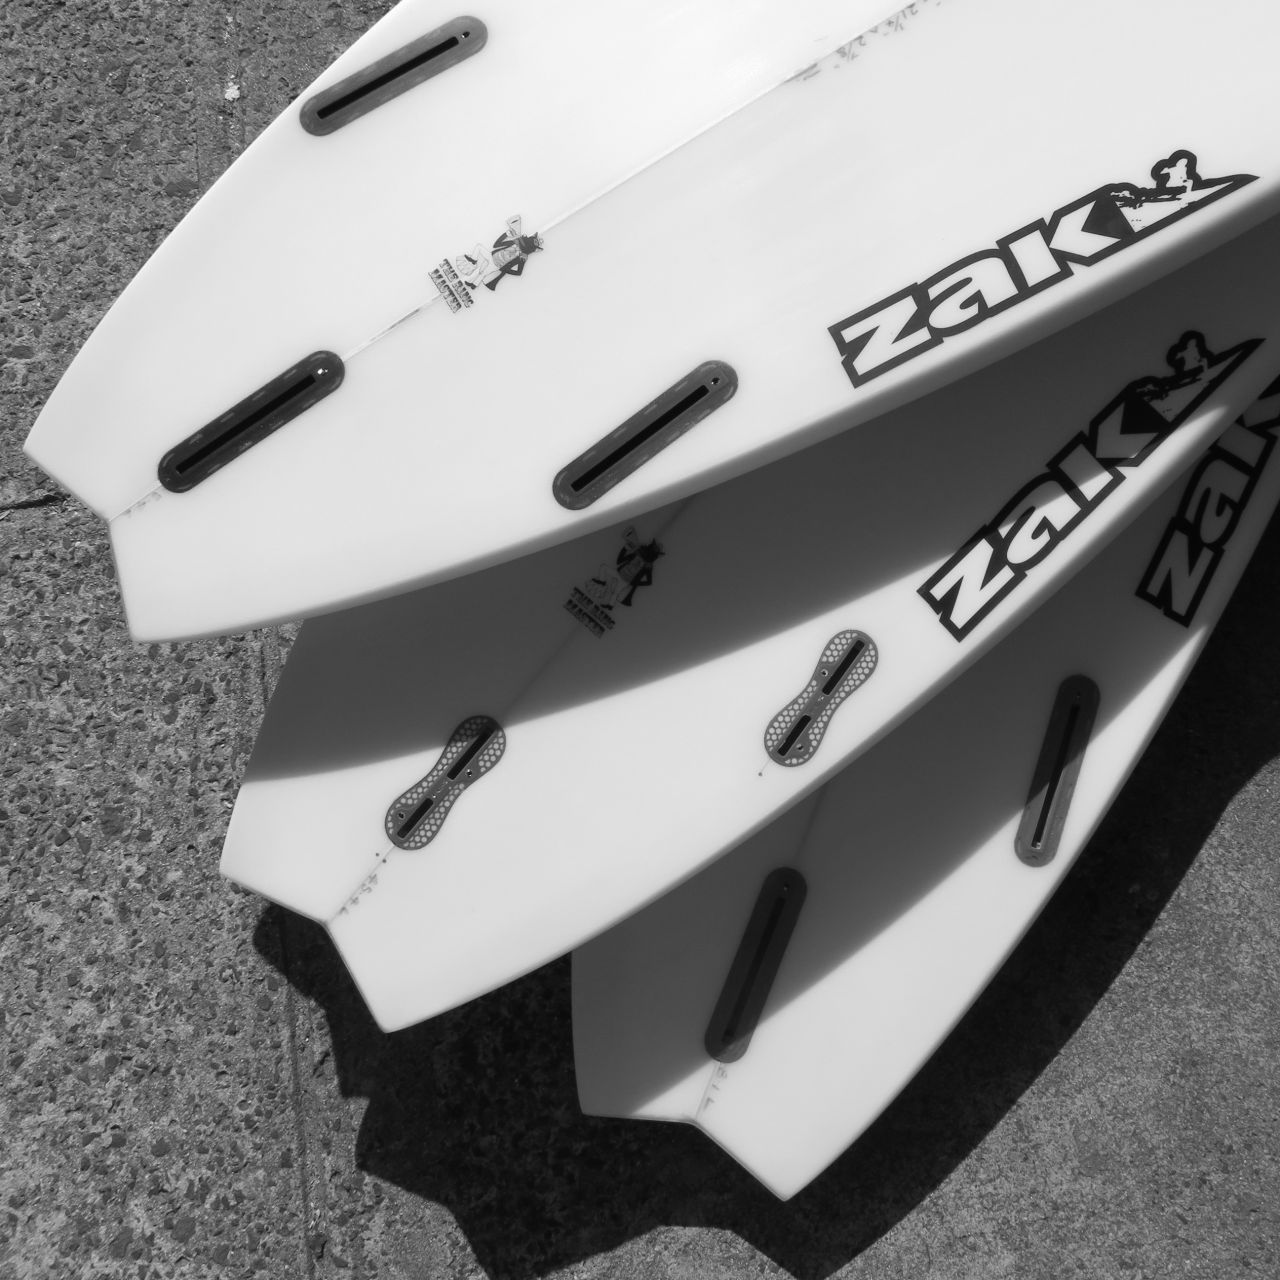 Restock of Zak Surfboard Models